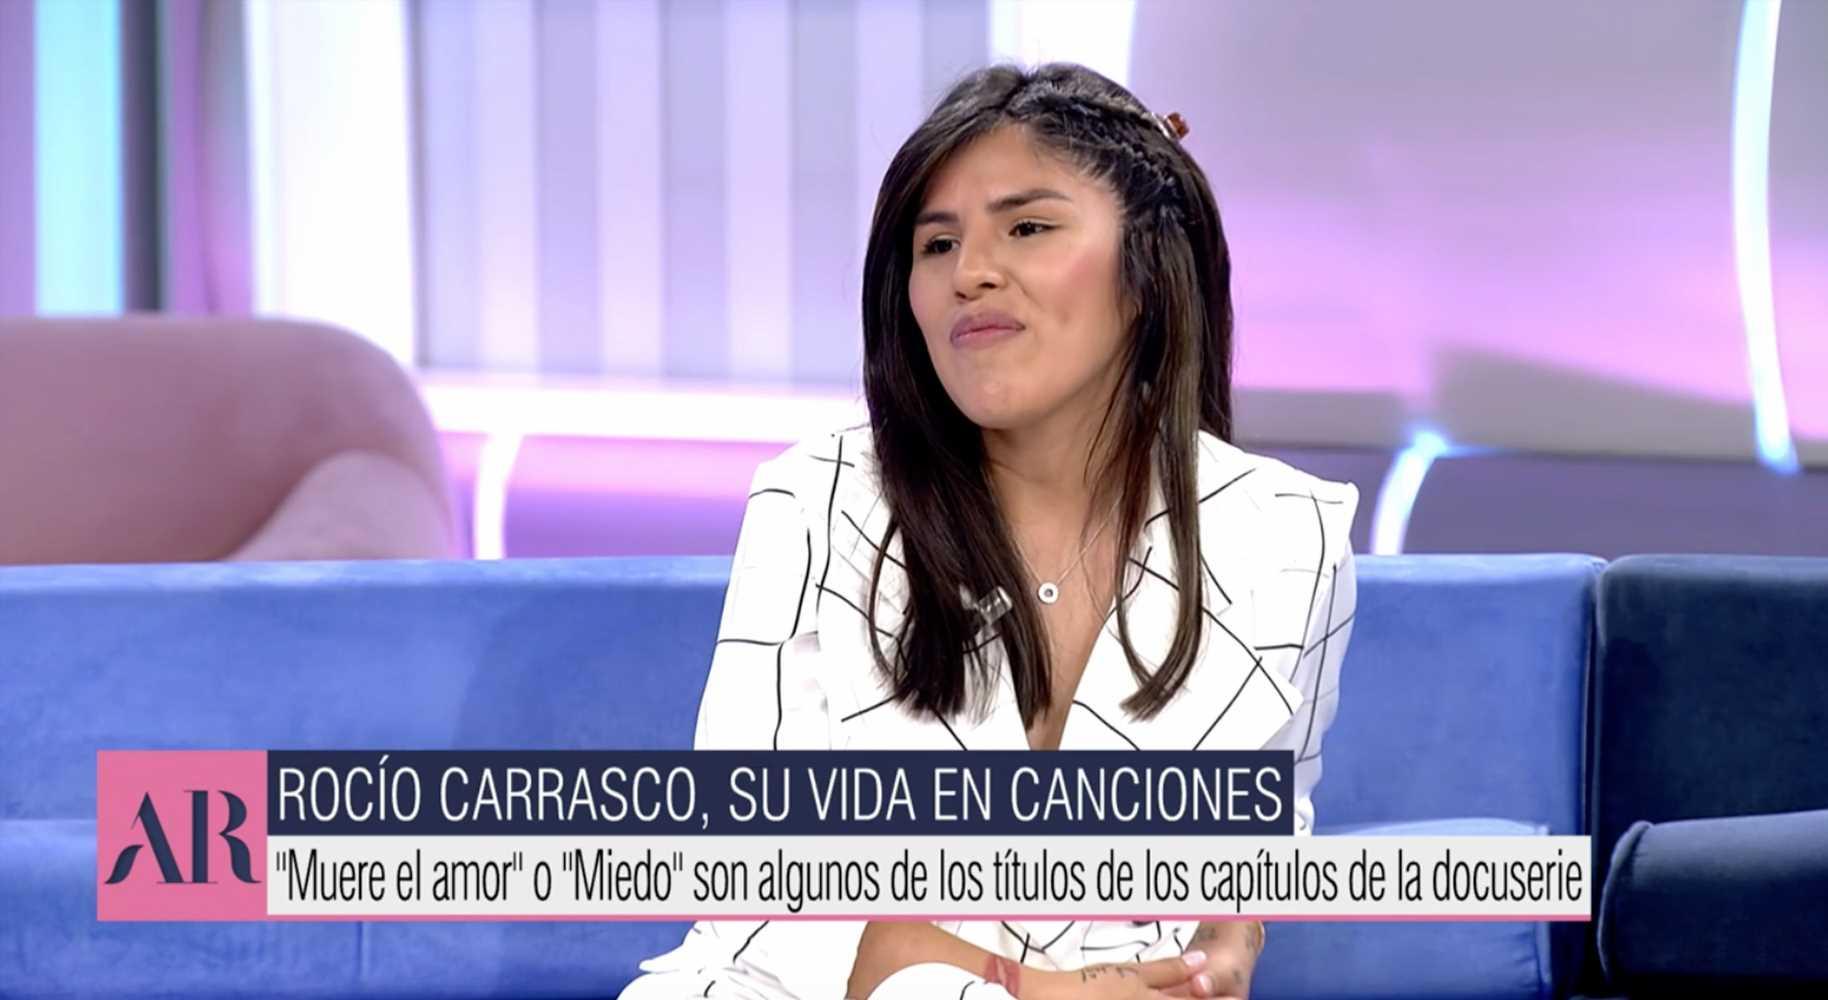 Isa Pantoja anima a su madre a contar su verdad y la compara con Rocío Carrasco